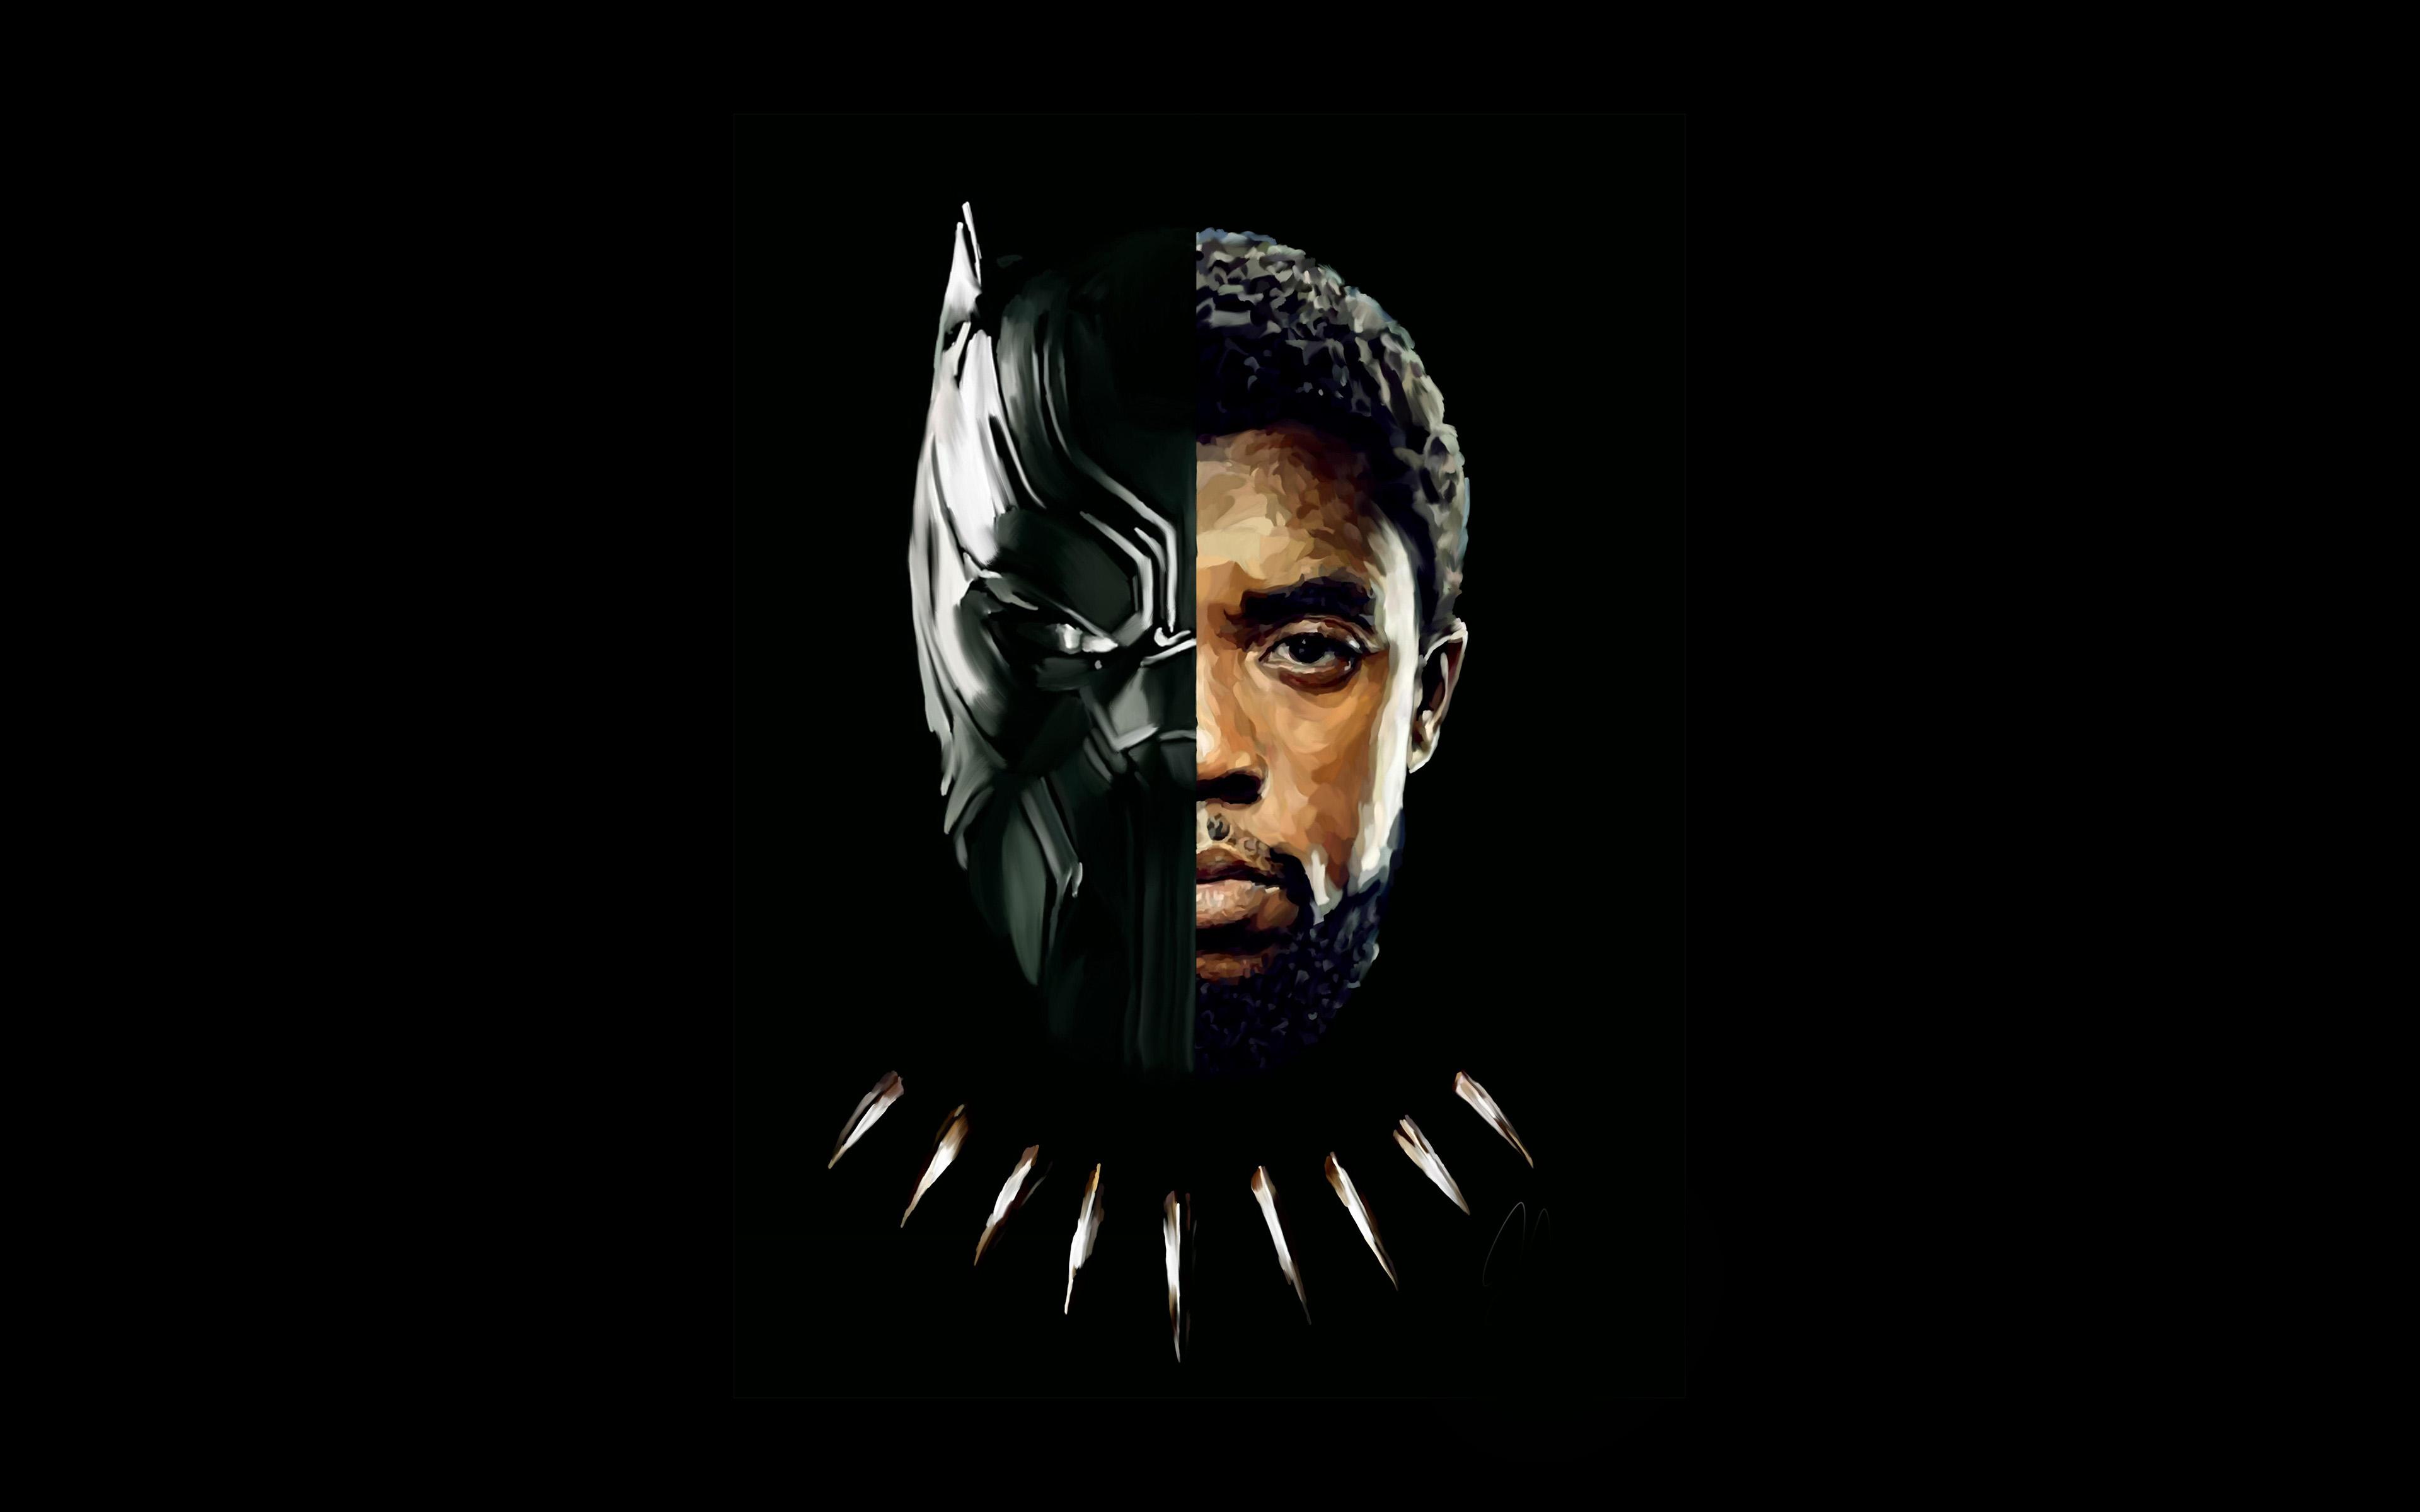 Be75 Hero Avengers Black Panther Art Illustration Wallpaper